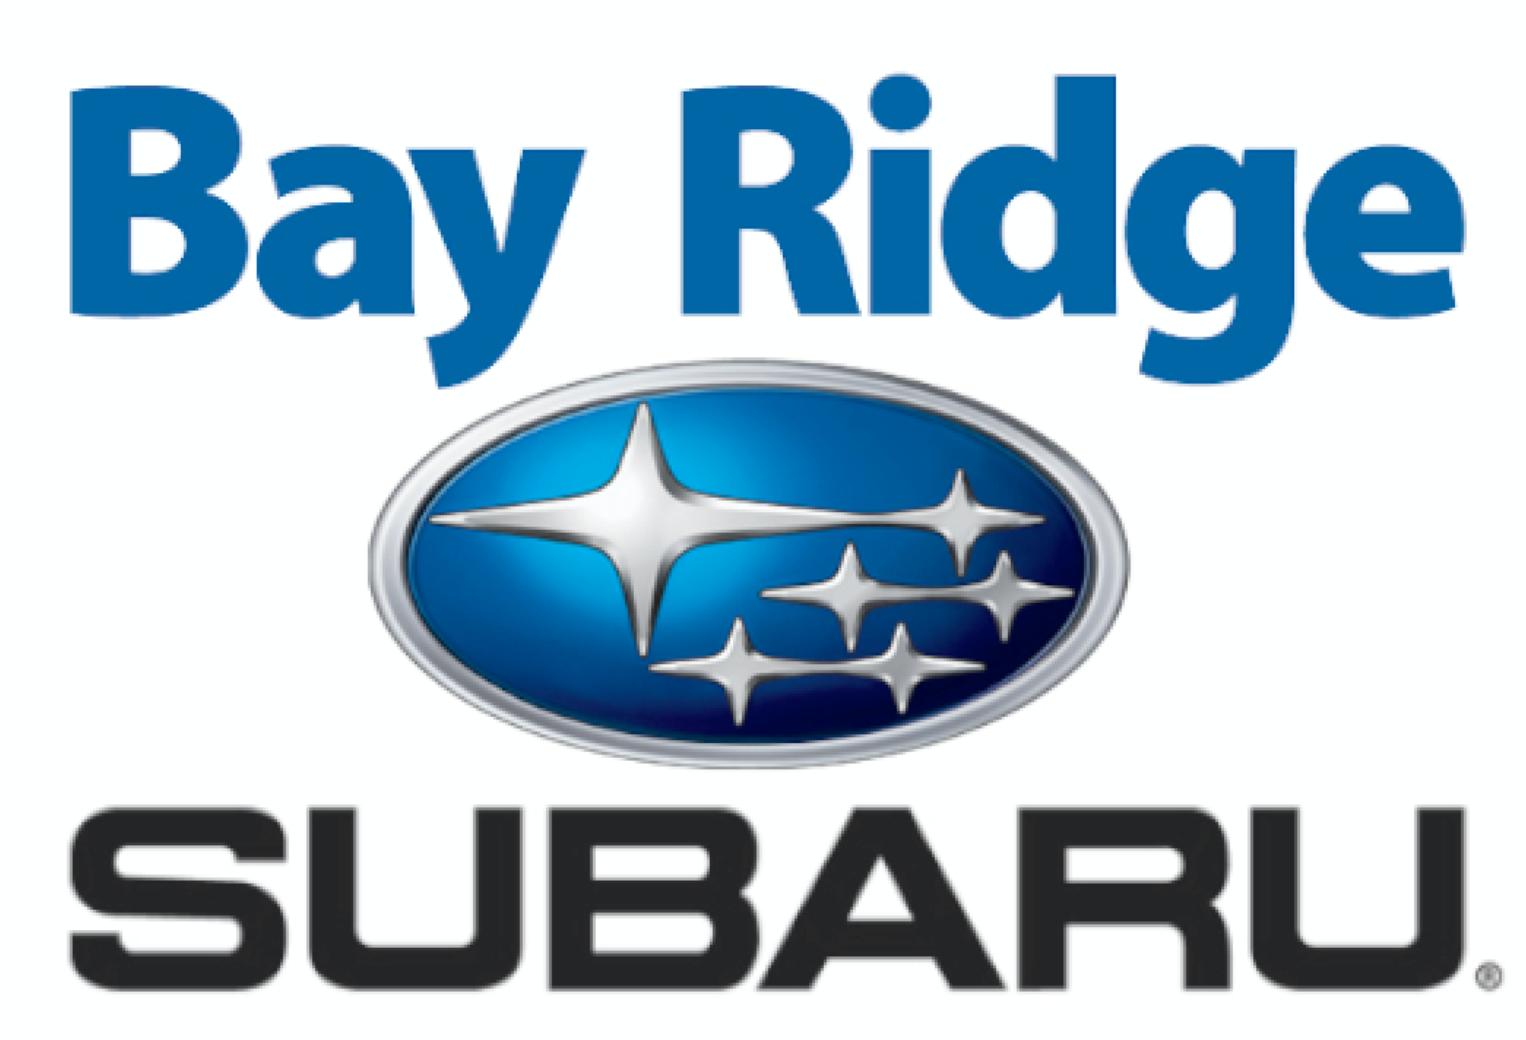 Bay Ridge Mazda >> Bay Ridge Subaru - Brooklyn, NY: Lee evaluaciones de consumidores, busca entre autos nuevos y ...